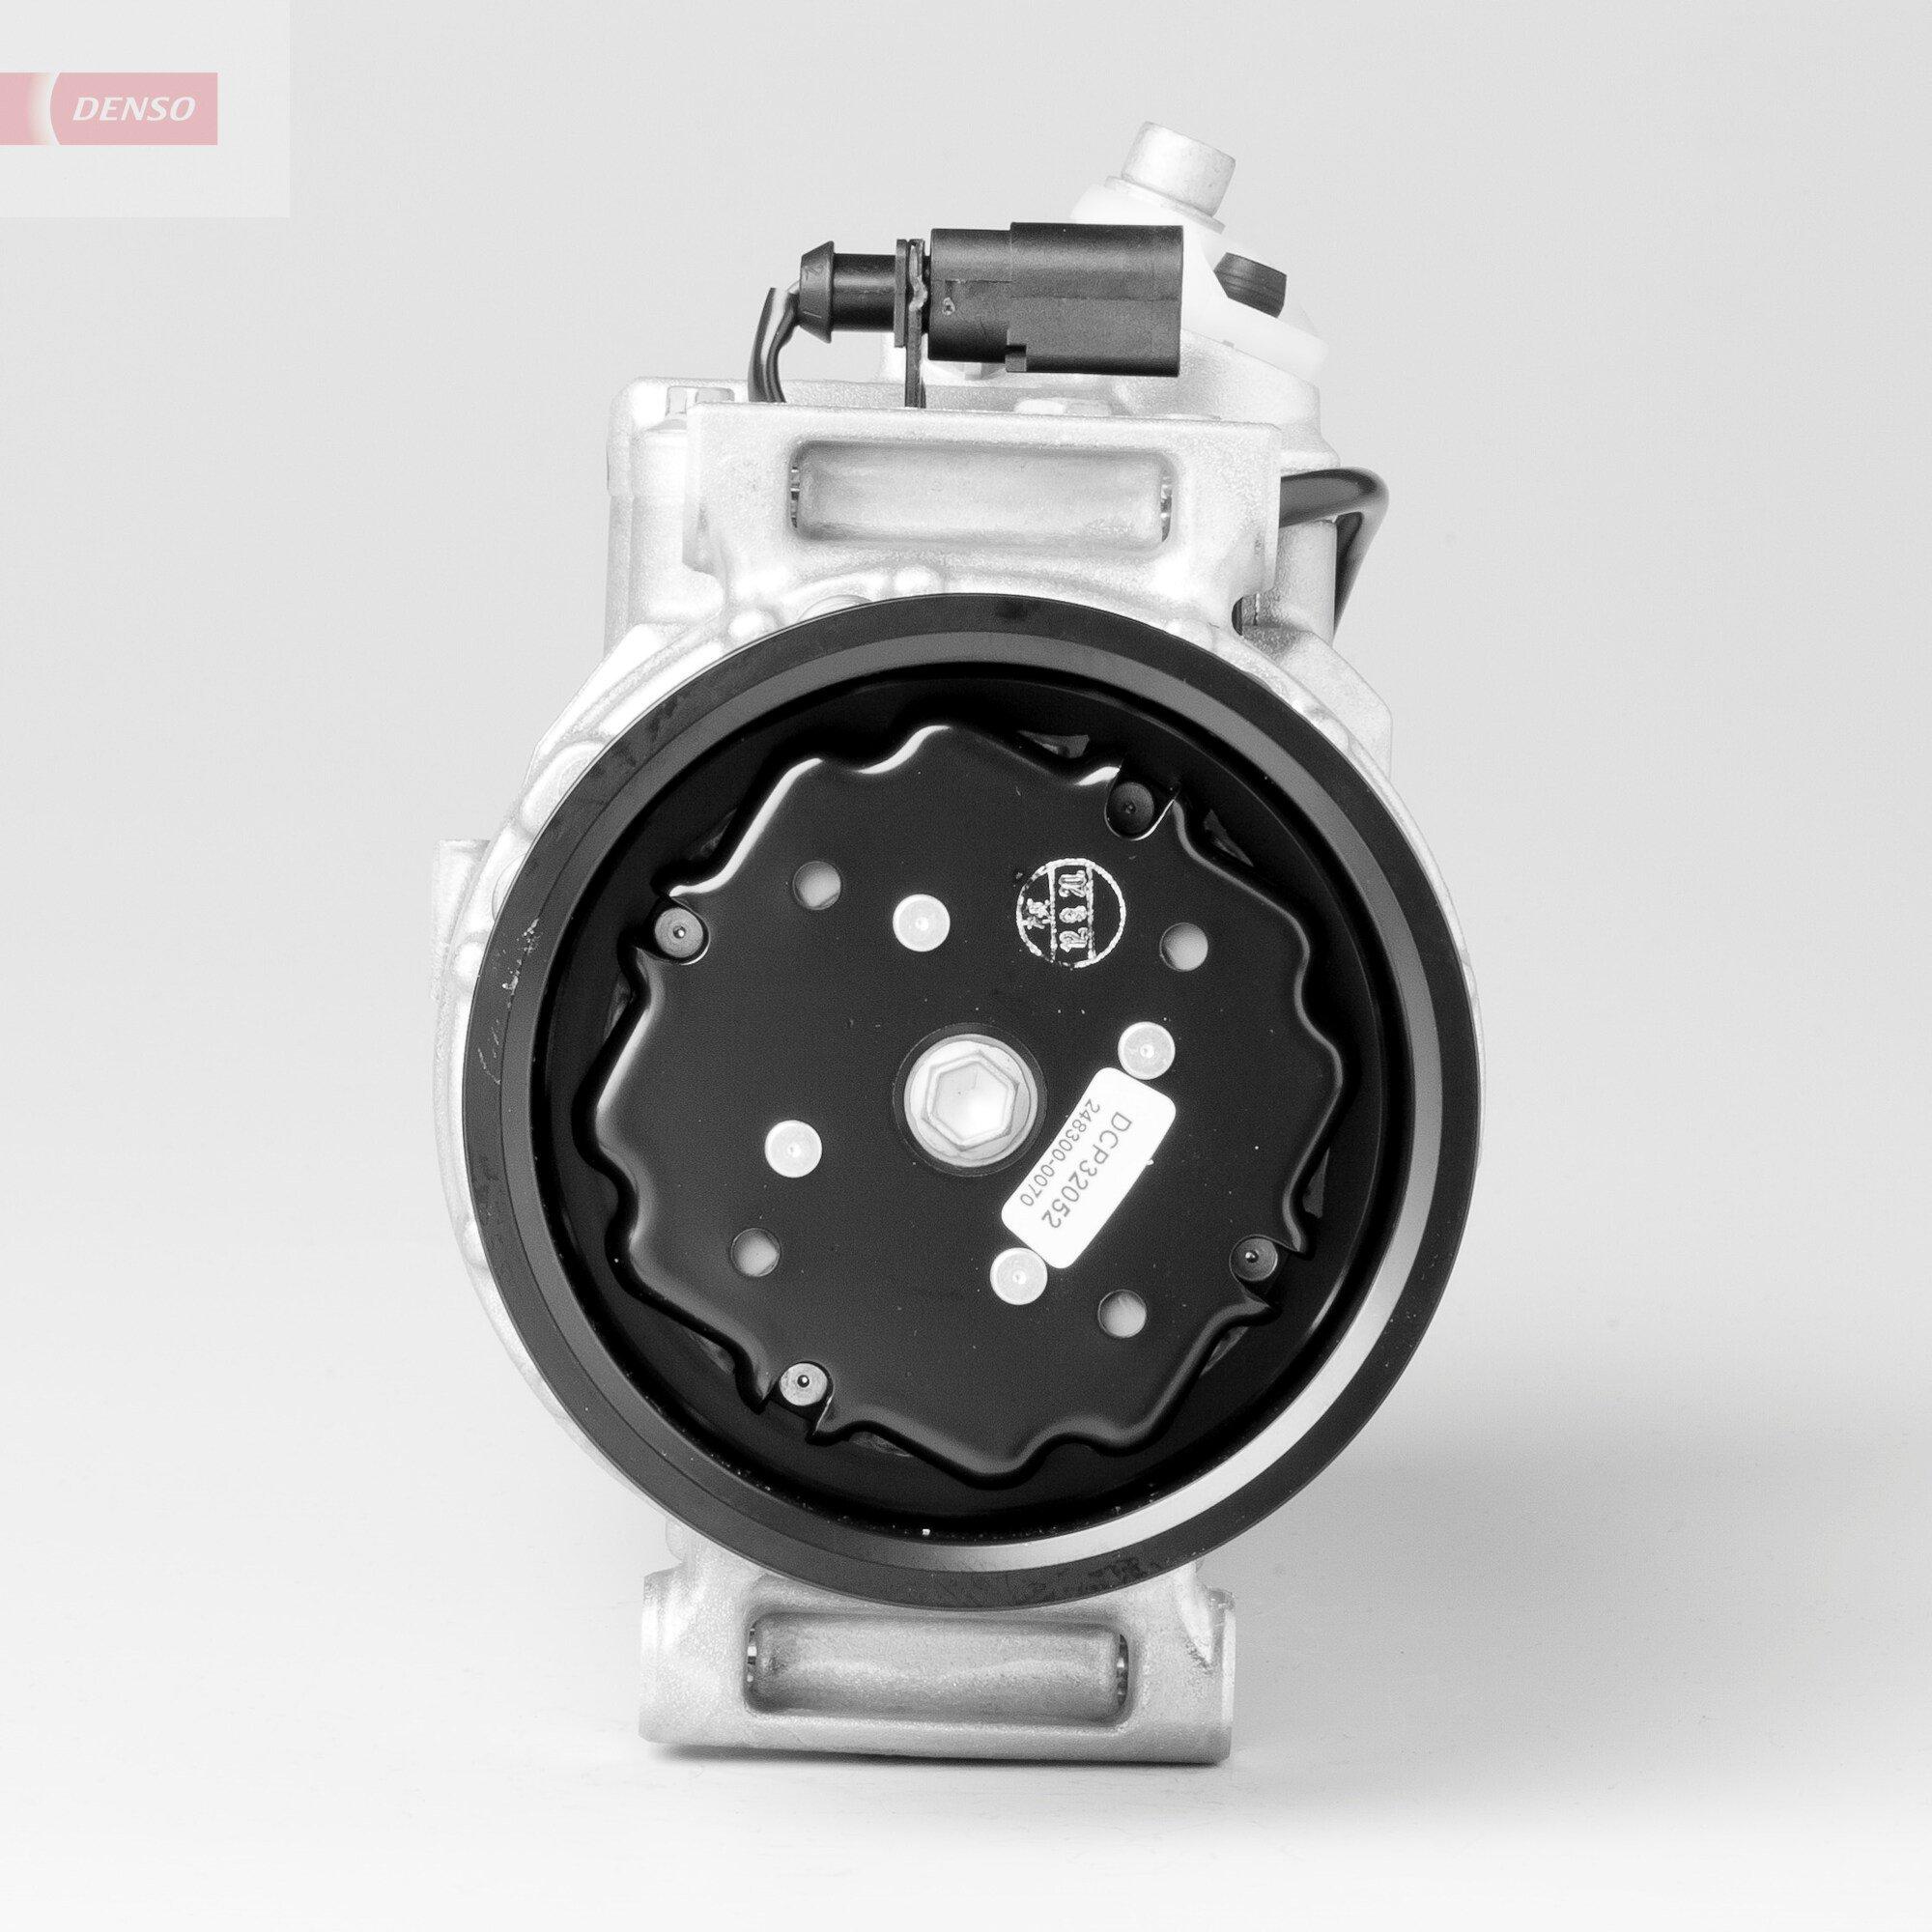 Kompressor, Klimaanlage DENSO DCP32052 Bild 2